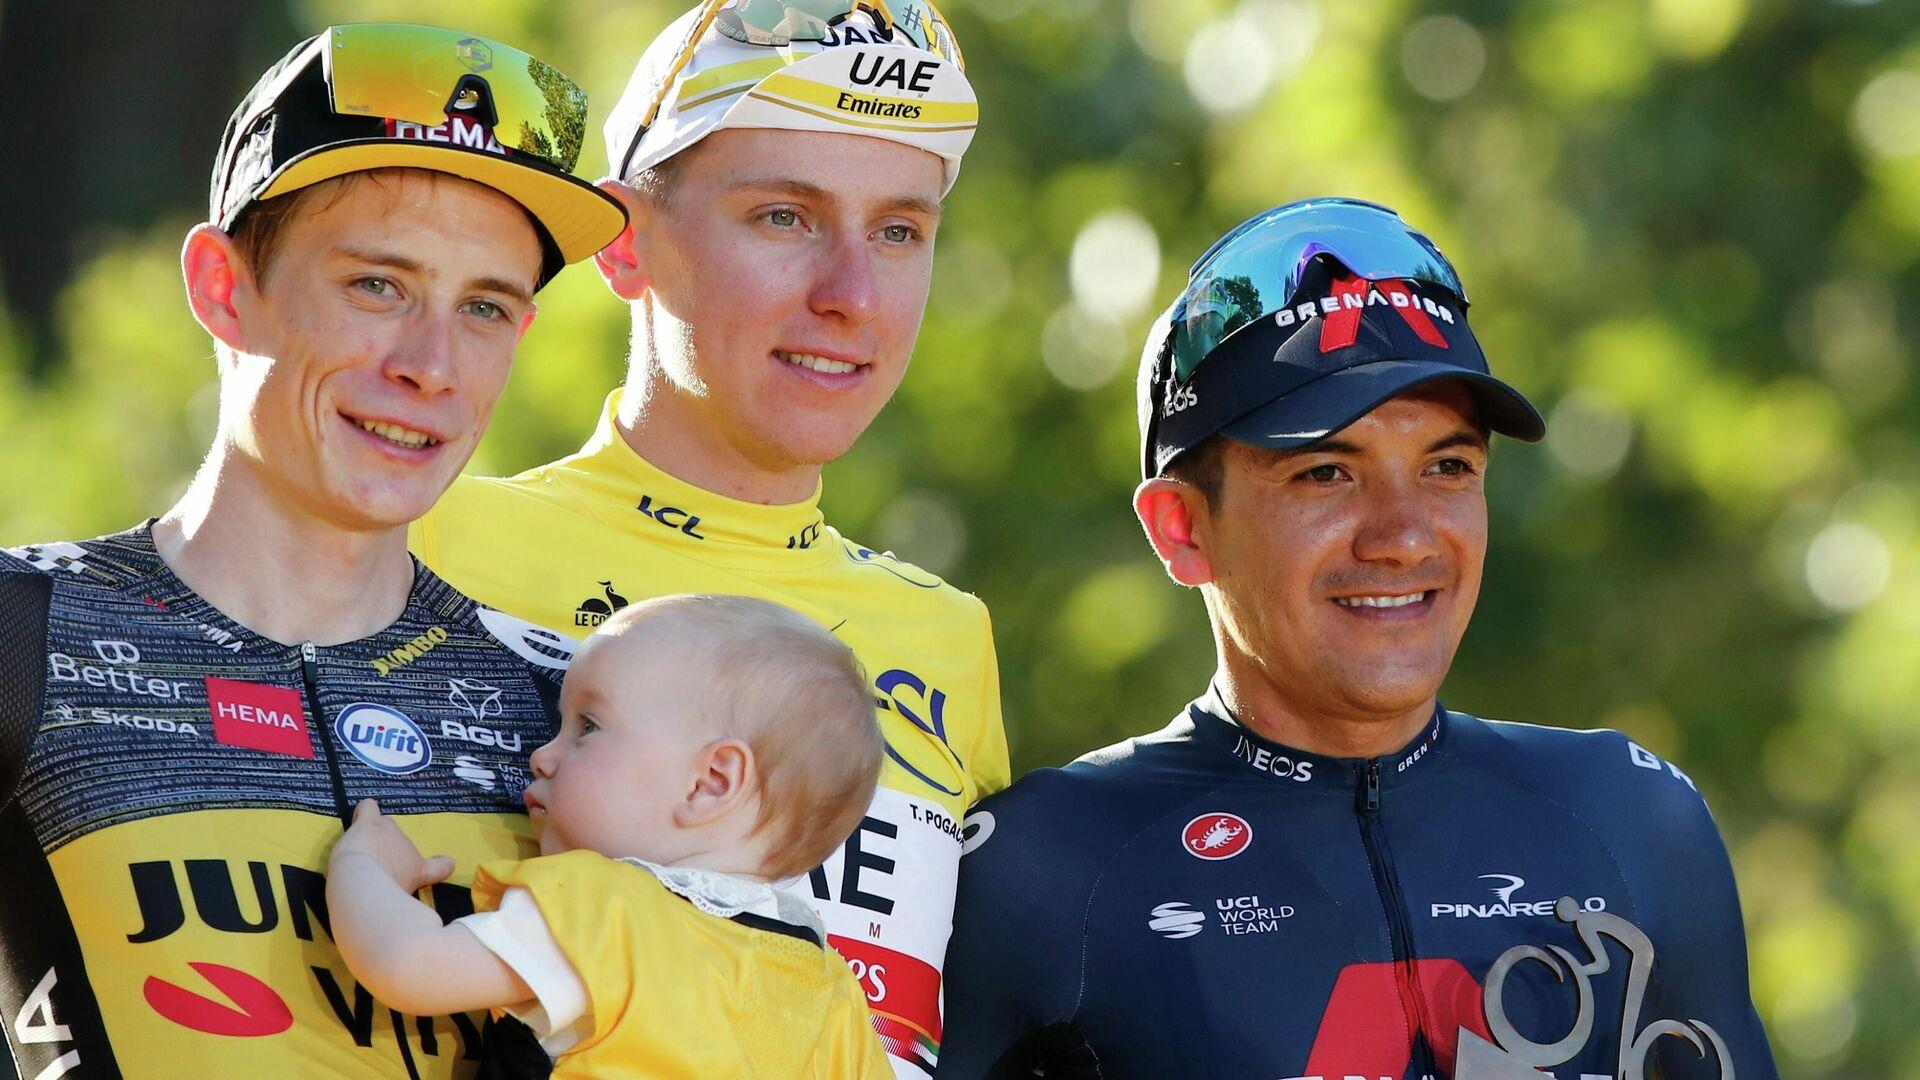 Tadej Pogacar gana su segundo tour con el sorprendente Vingegaard y Carapaz en el podio final